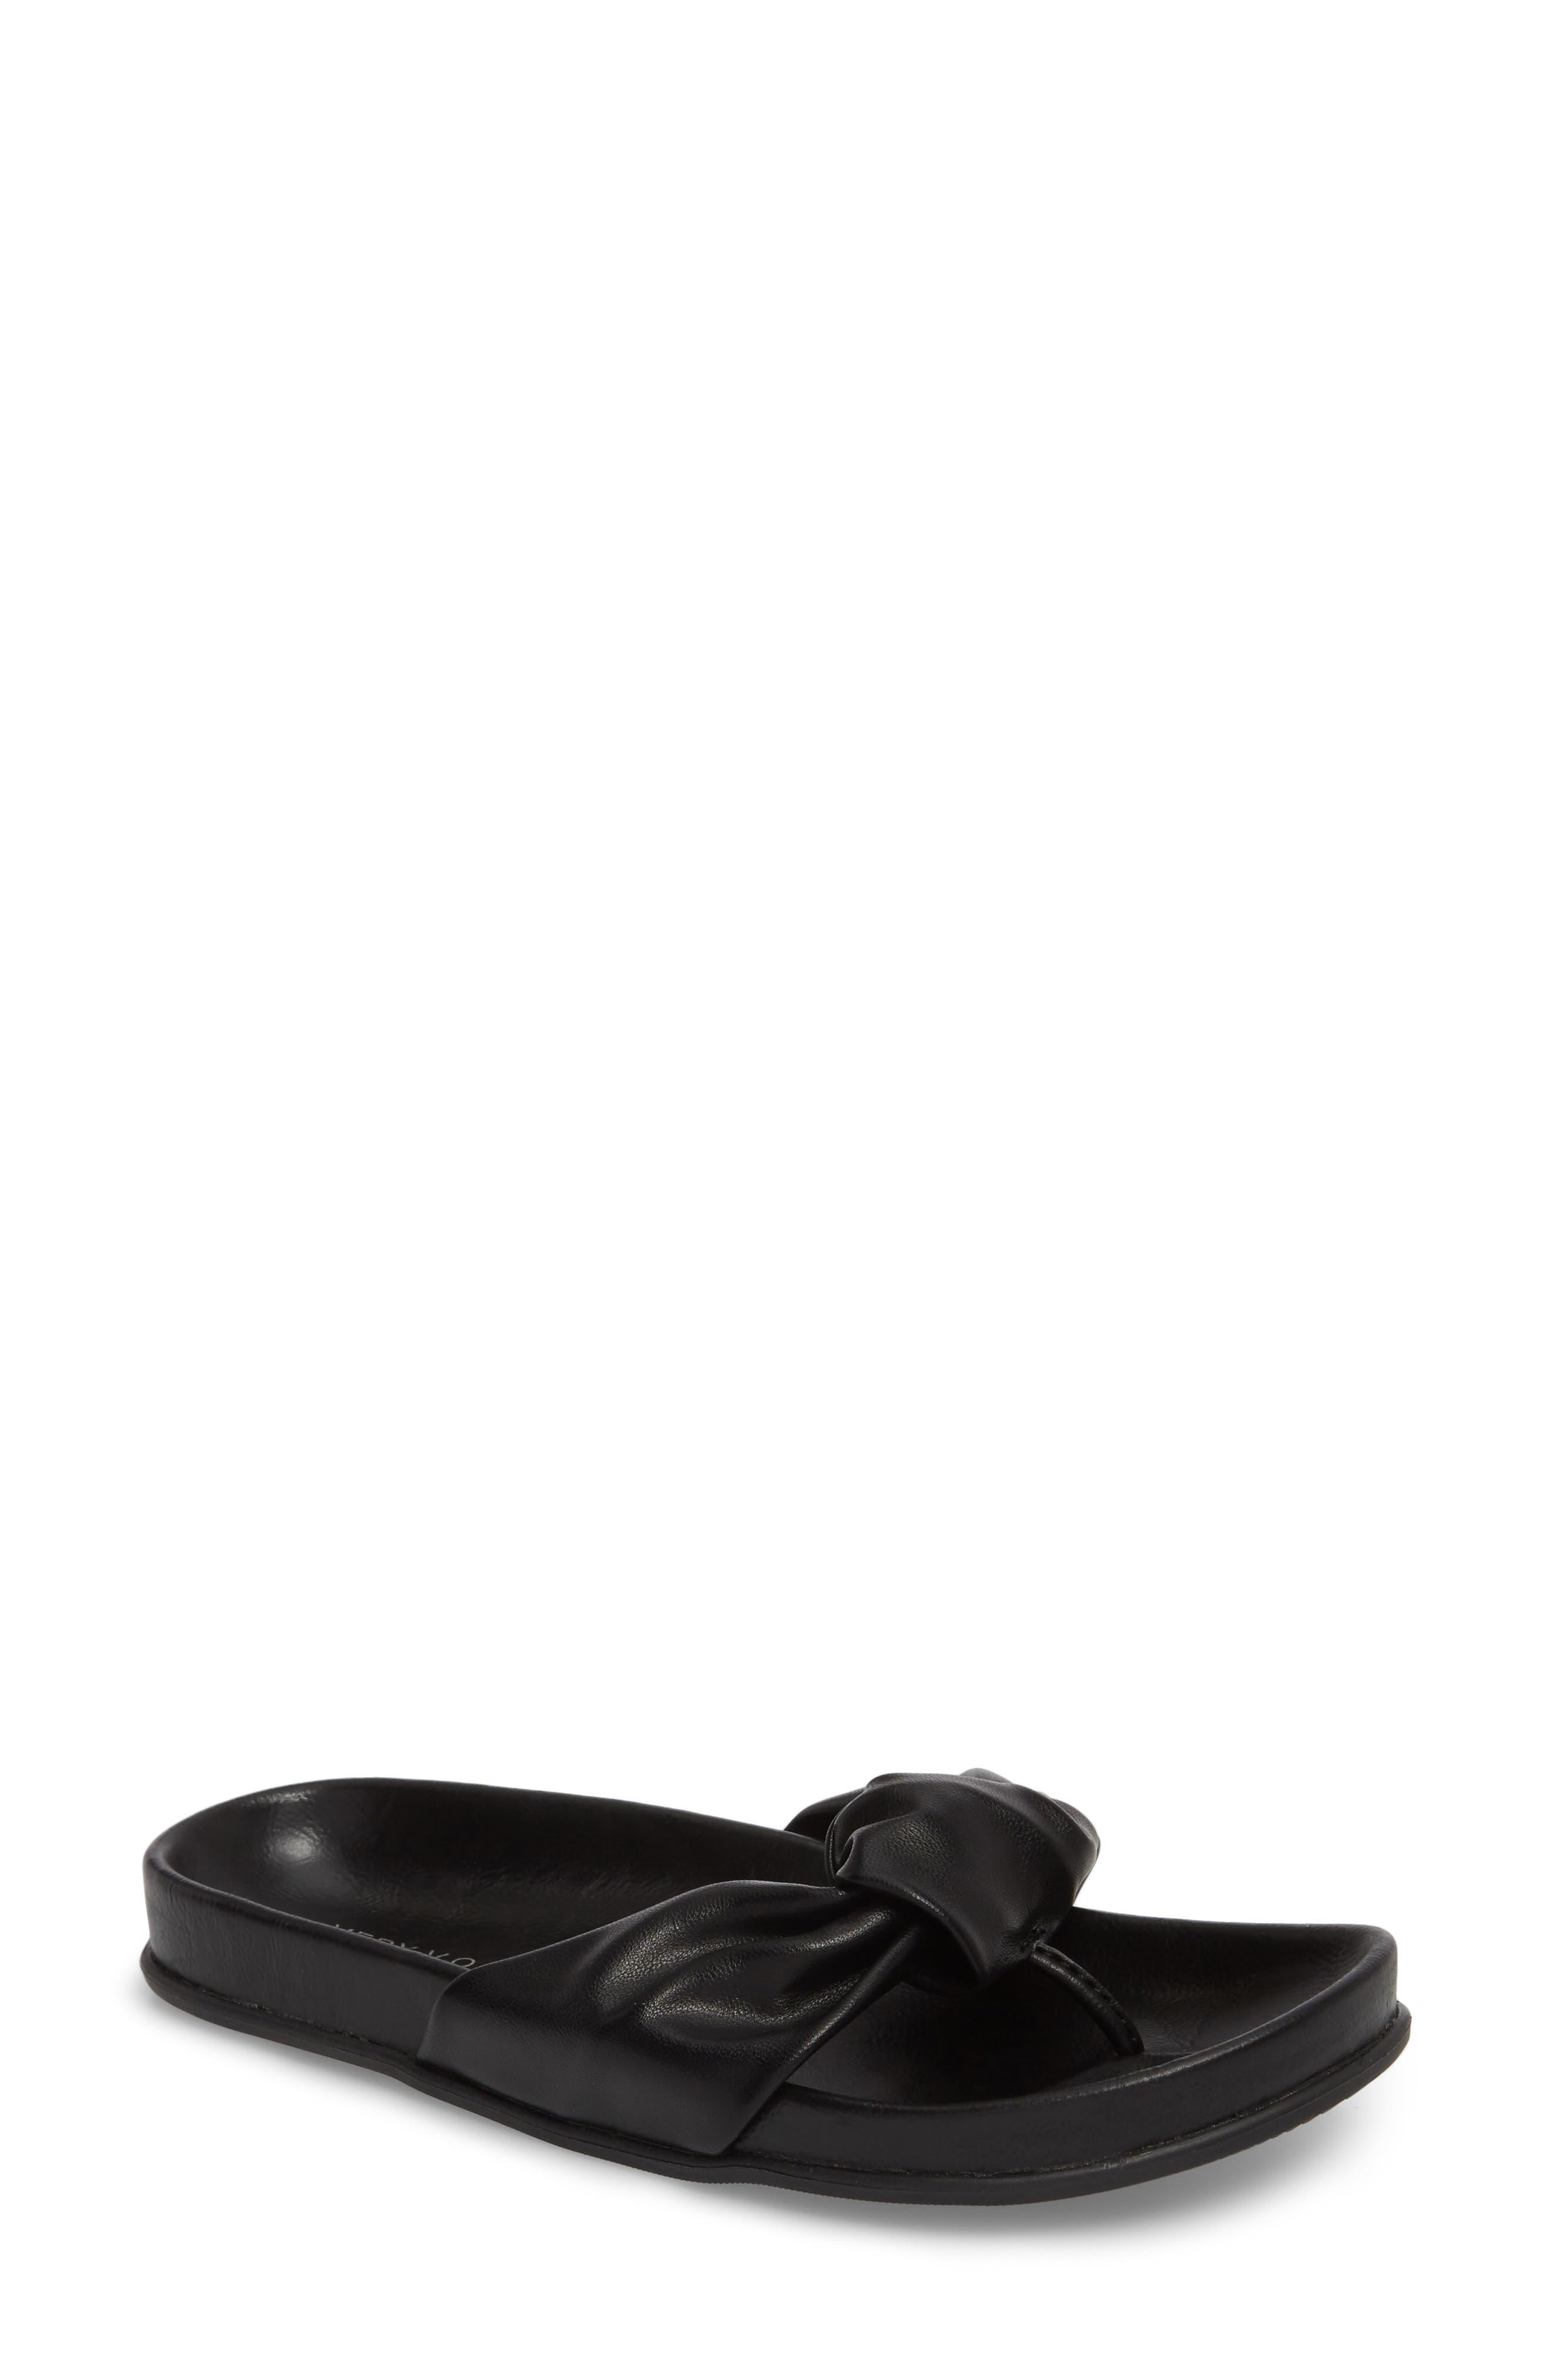 Glaze Bow Sandal,                             Main thumbnail 1, color,                             BLACK